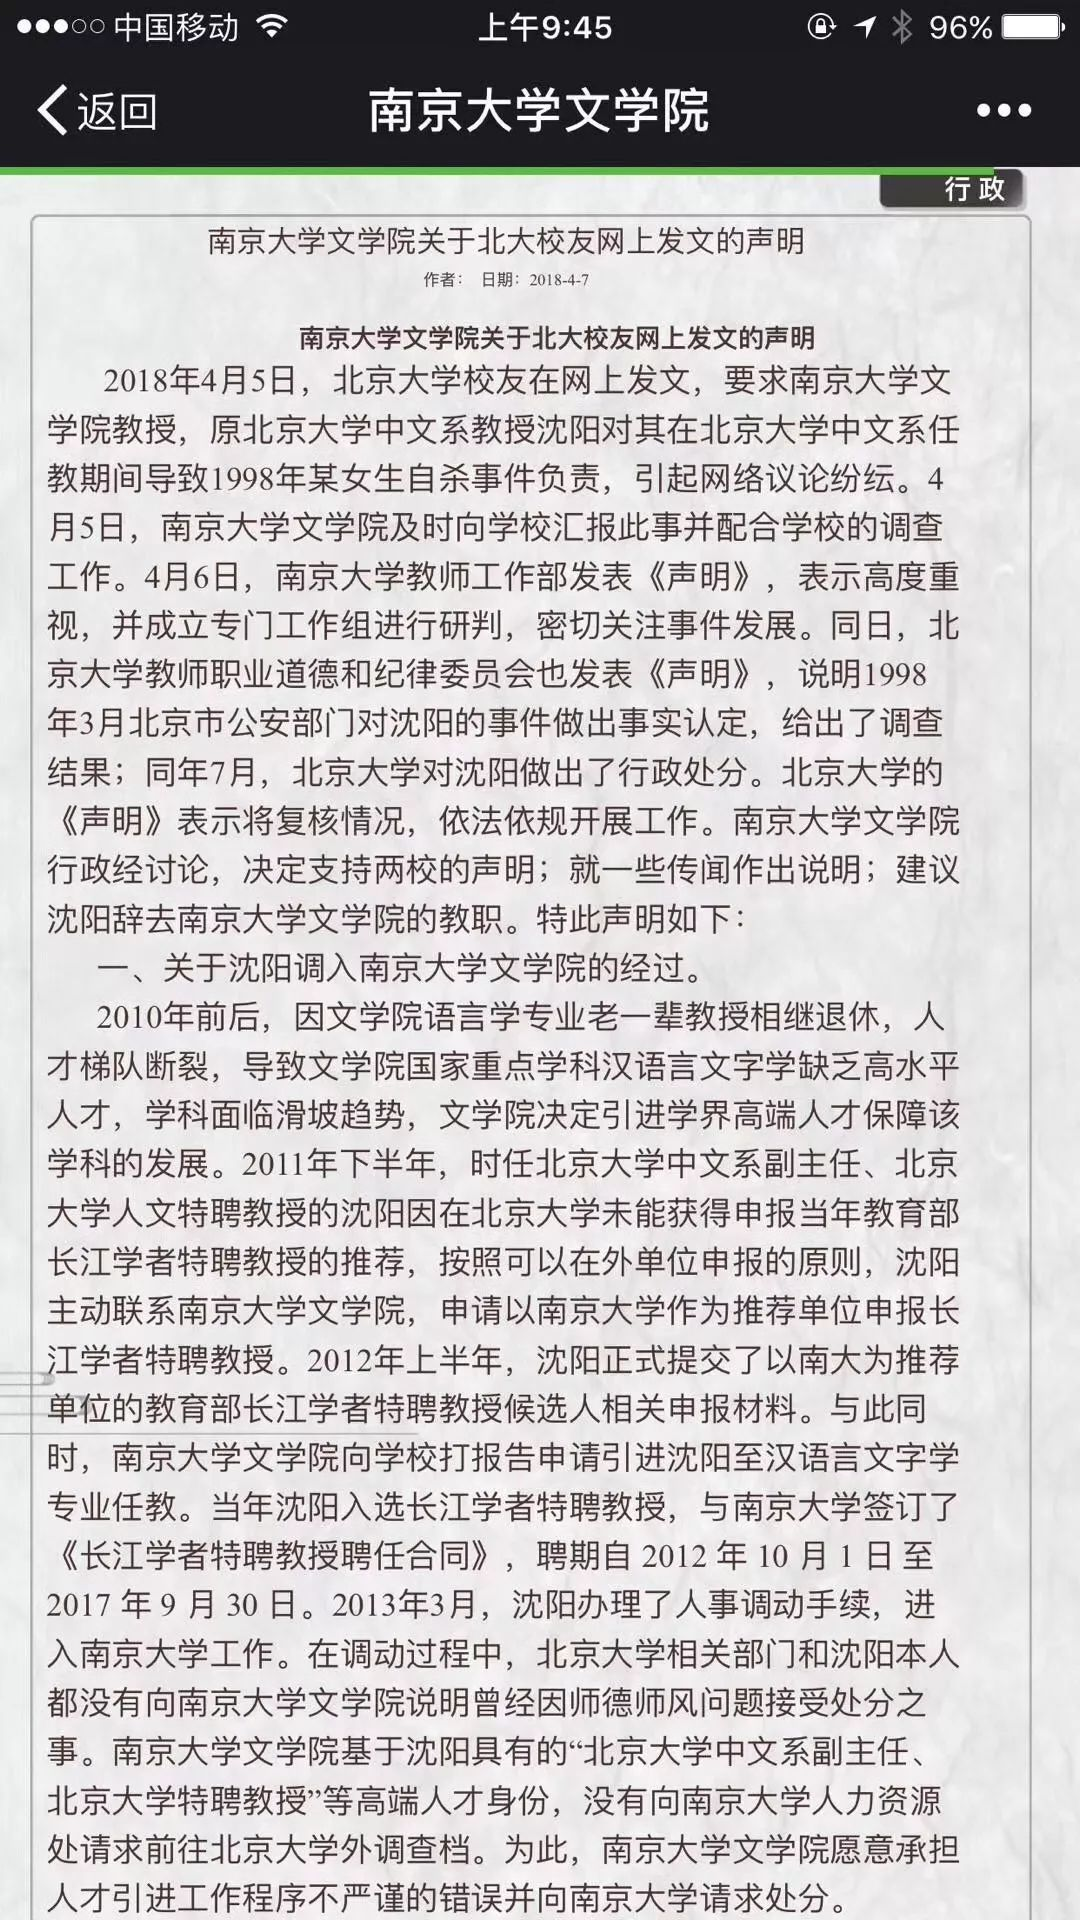 北大公布20年前对沈阳的处理决定:给予行政警告,未认定性侵